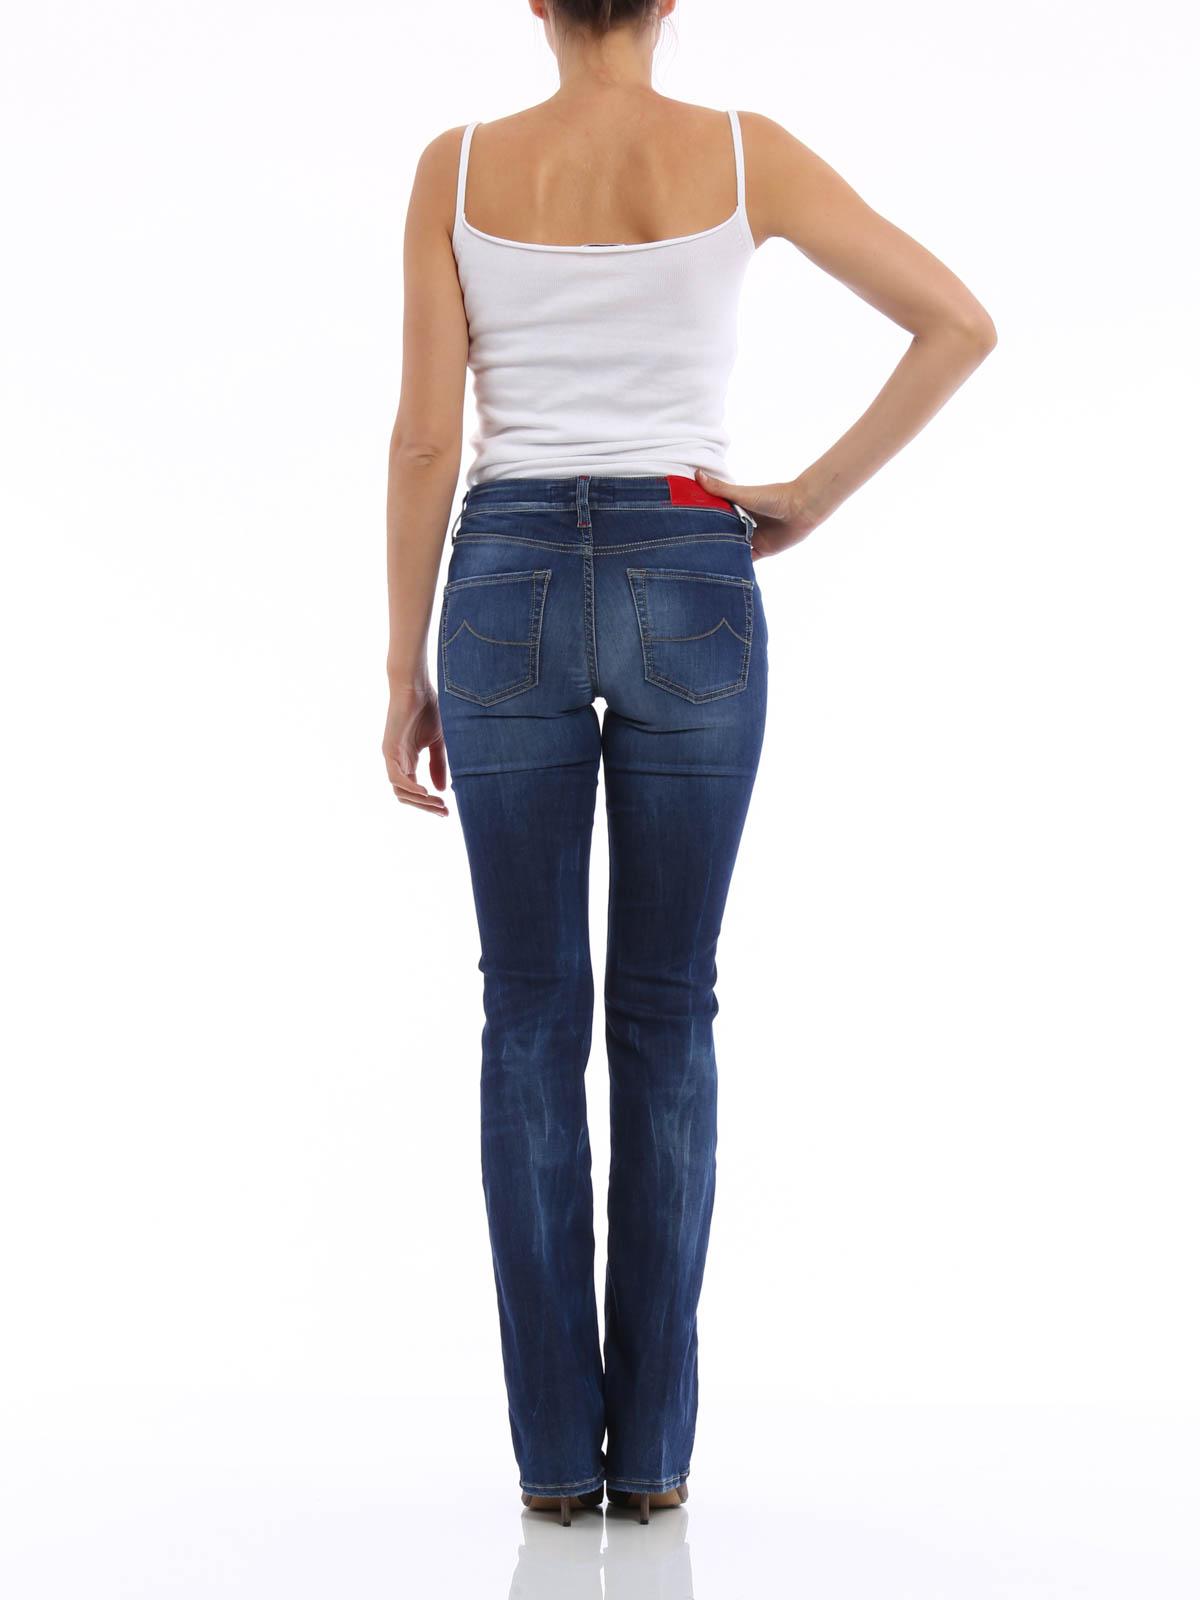 Shop jeans online